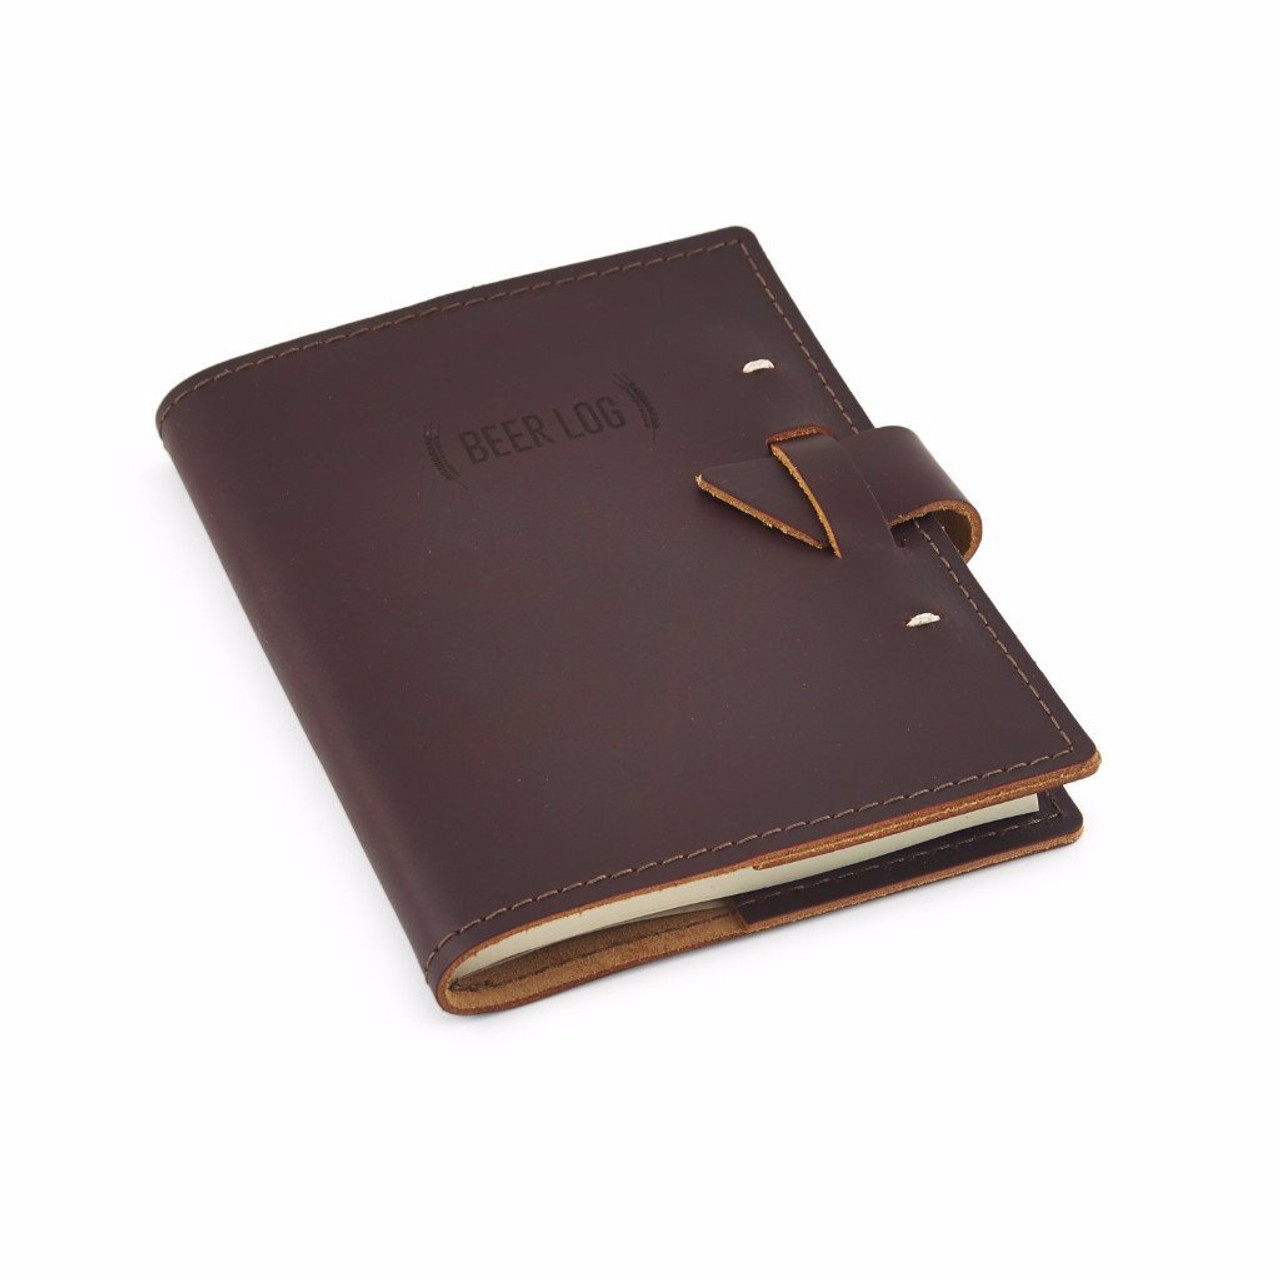 Rustico Leather Beer Tasters Log Book - Side